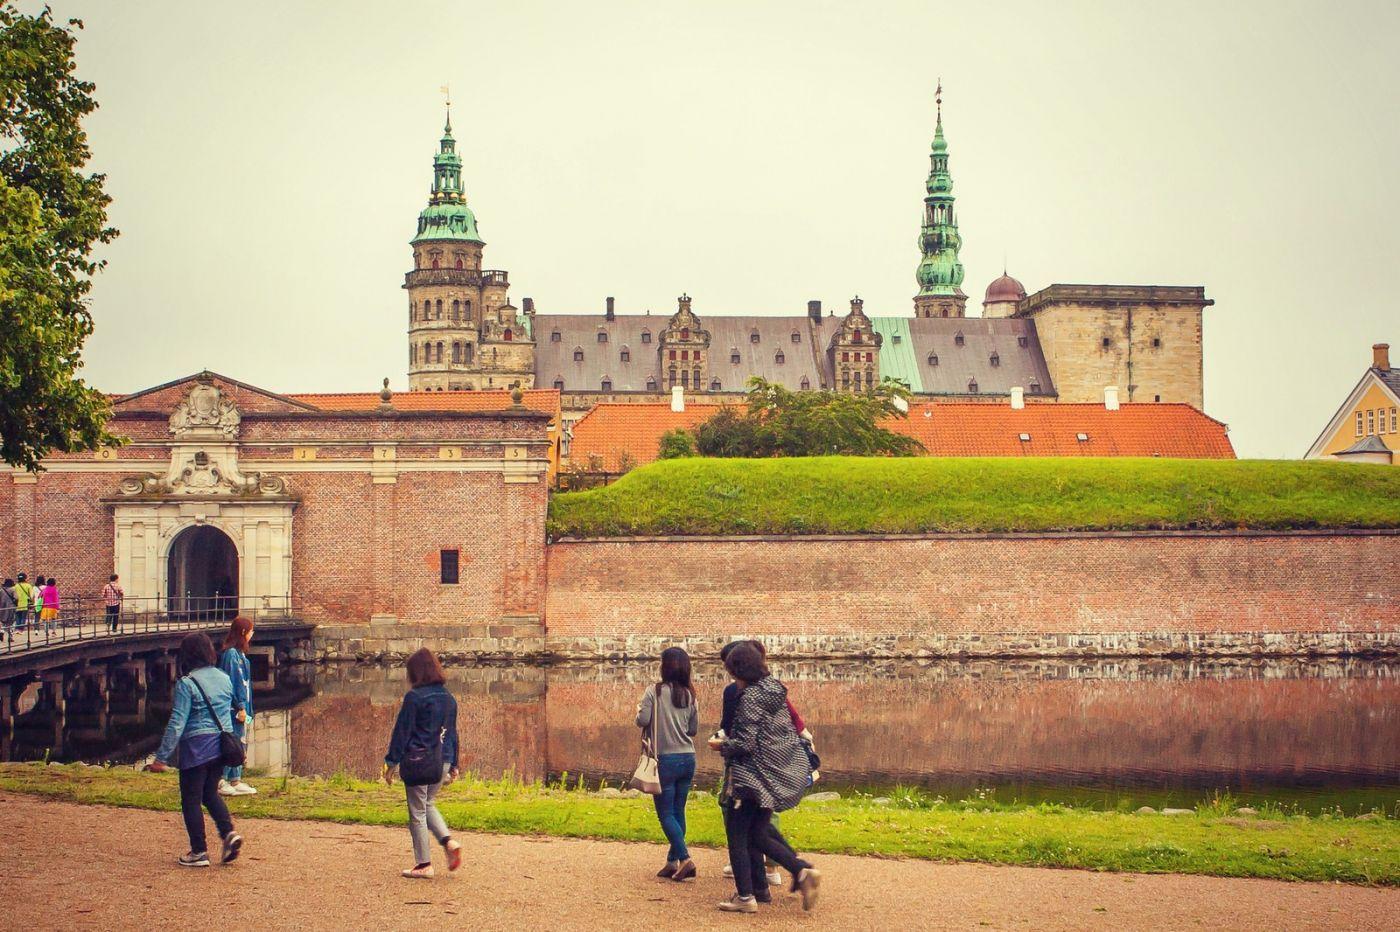 丹麦腓特烈堡城堡,当年的风采_图1-31